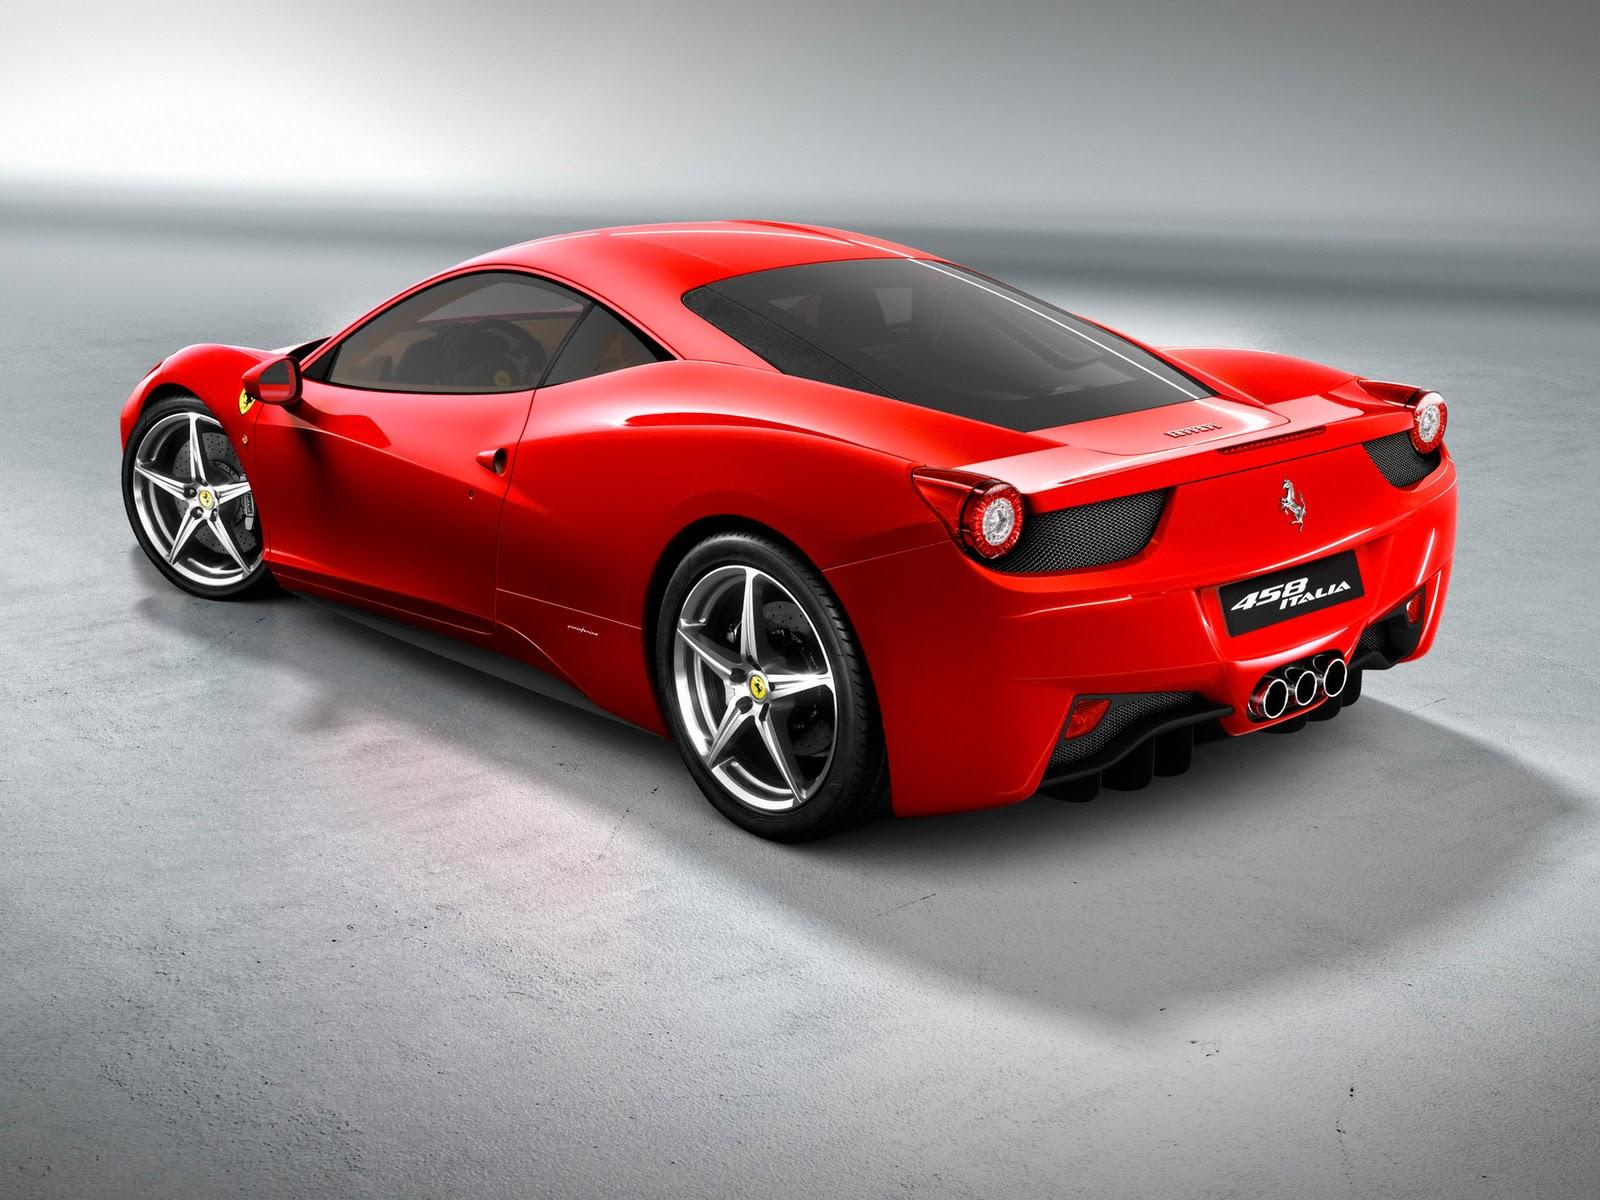 ferrari enzo part 13 car wallpaper - Ferrari Enzo 2010